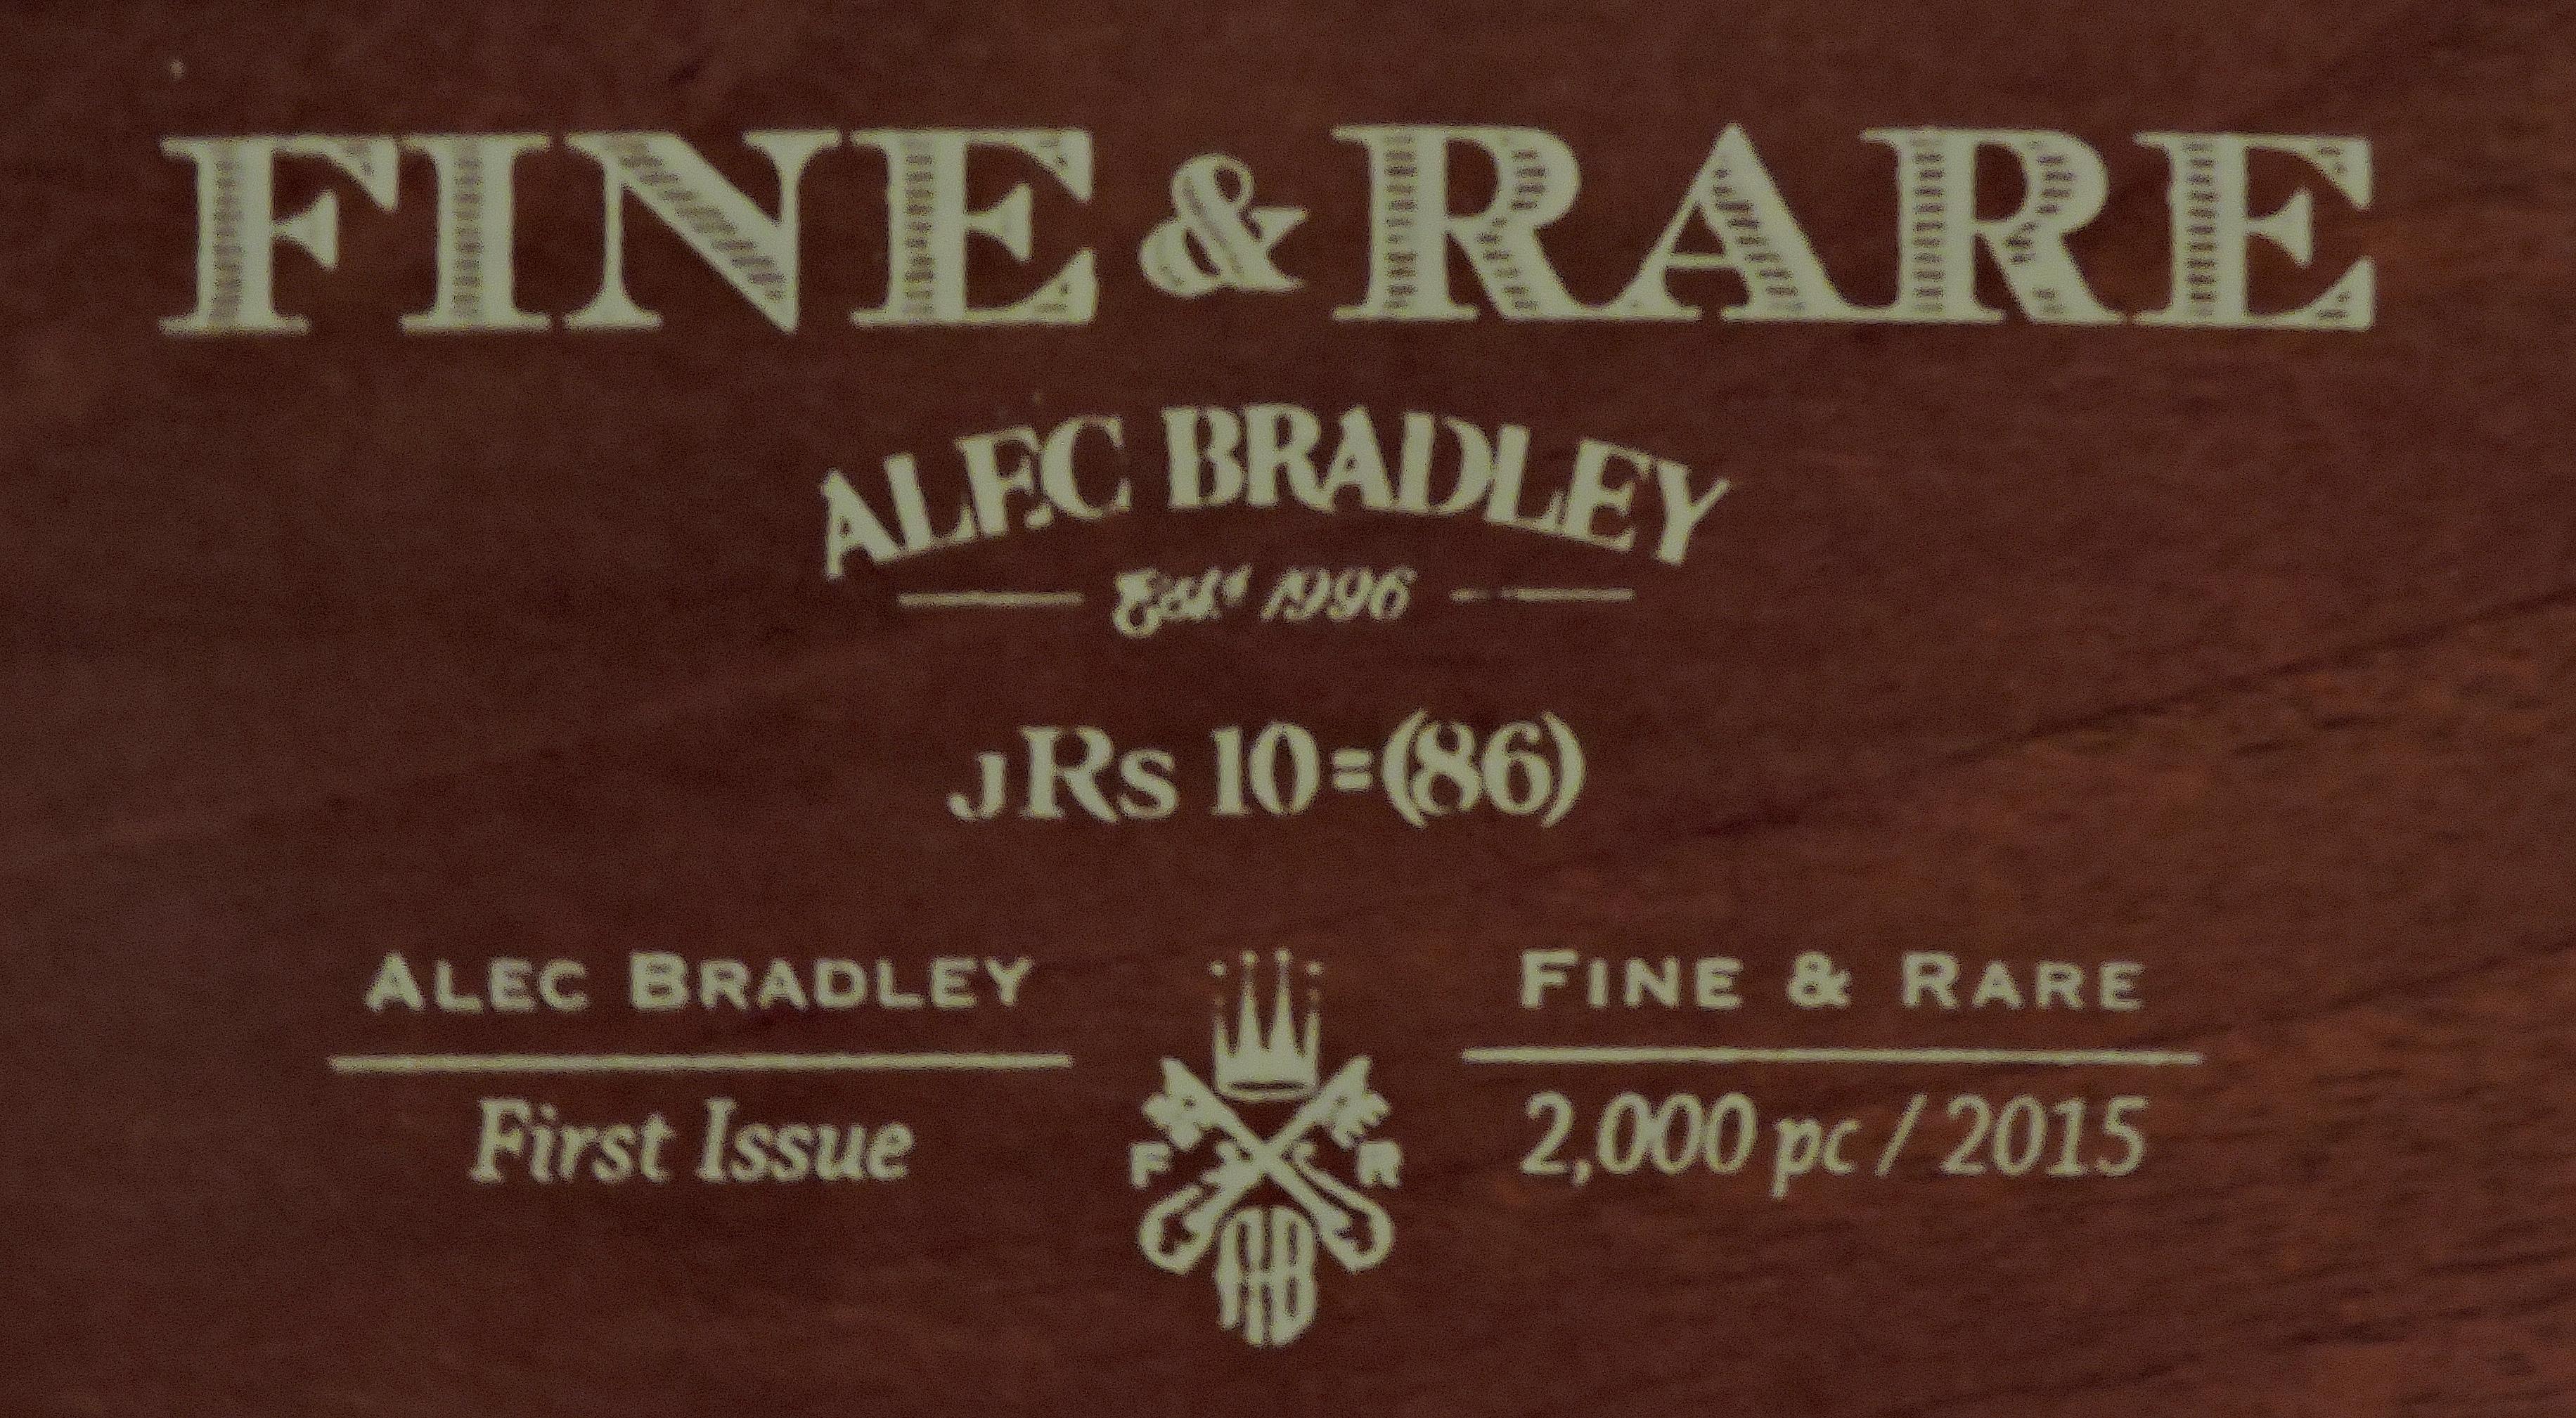 Alec_Bradley_Fine_and_Rare_JRS_10=(86)